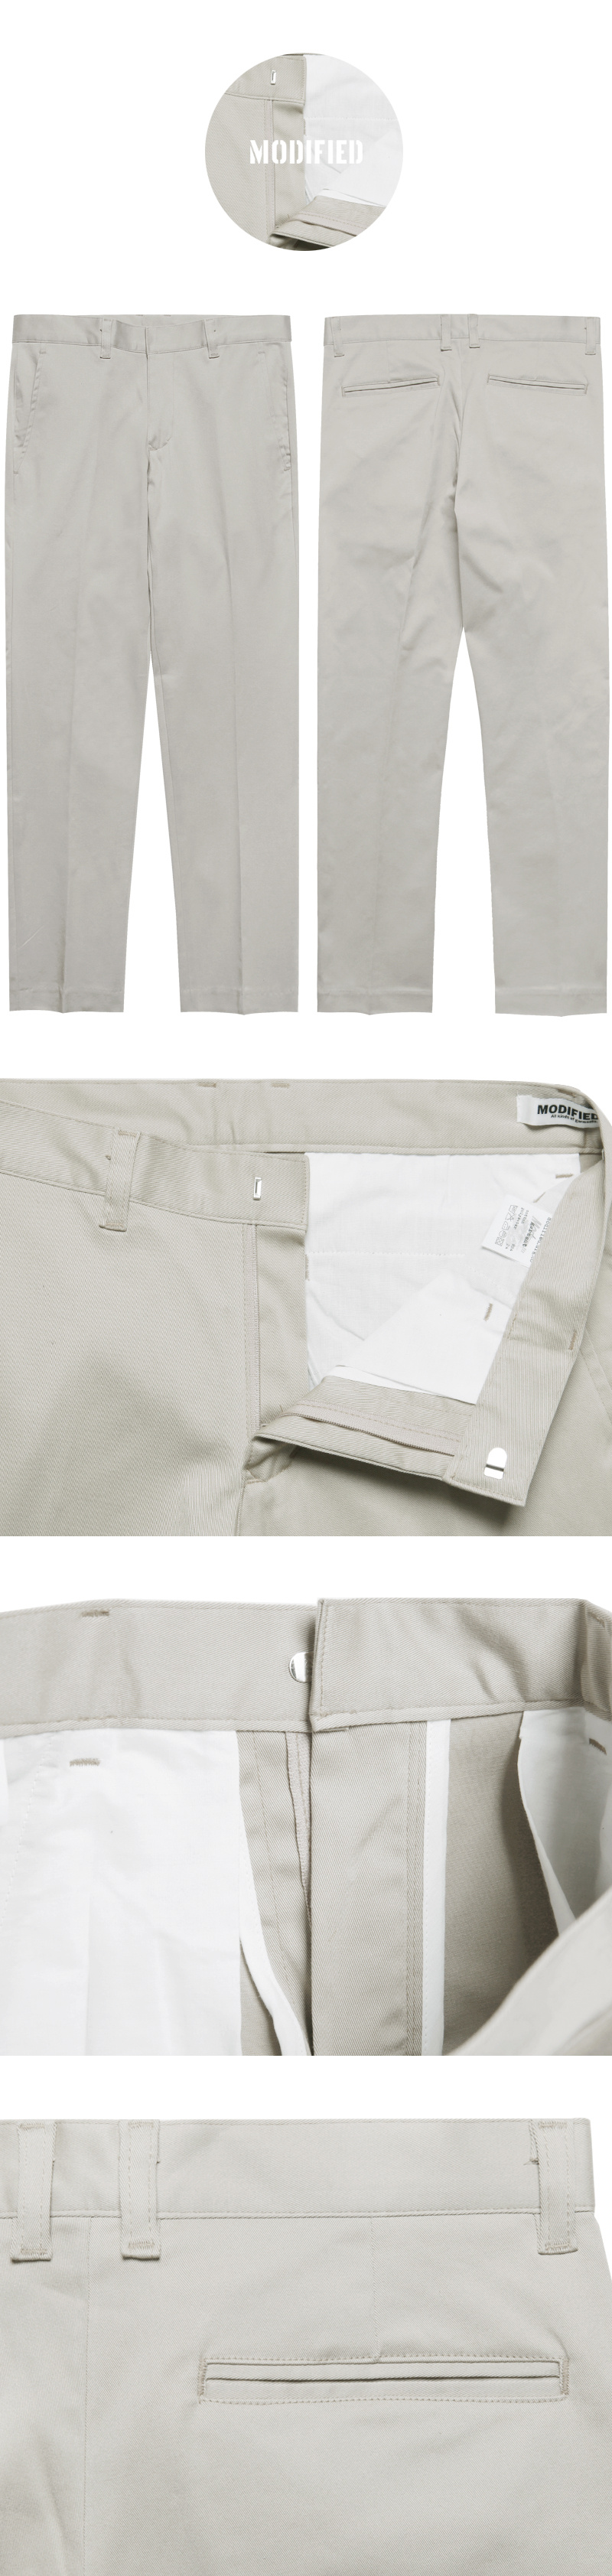 모디파이드(MODIFIED) M#1625 daily stretch cotton slim slacks (L.grey)